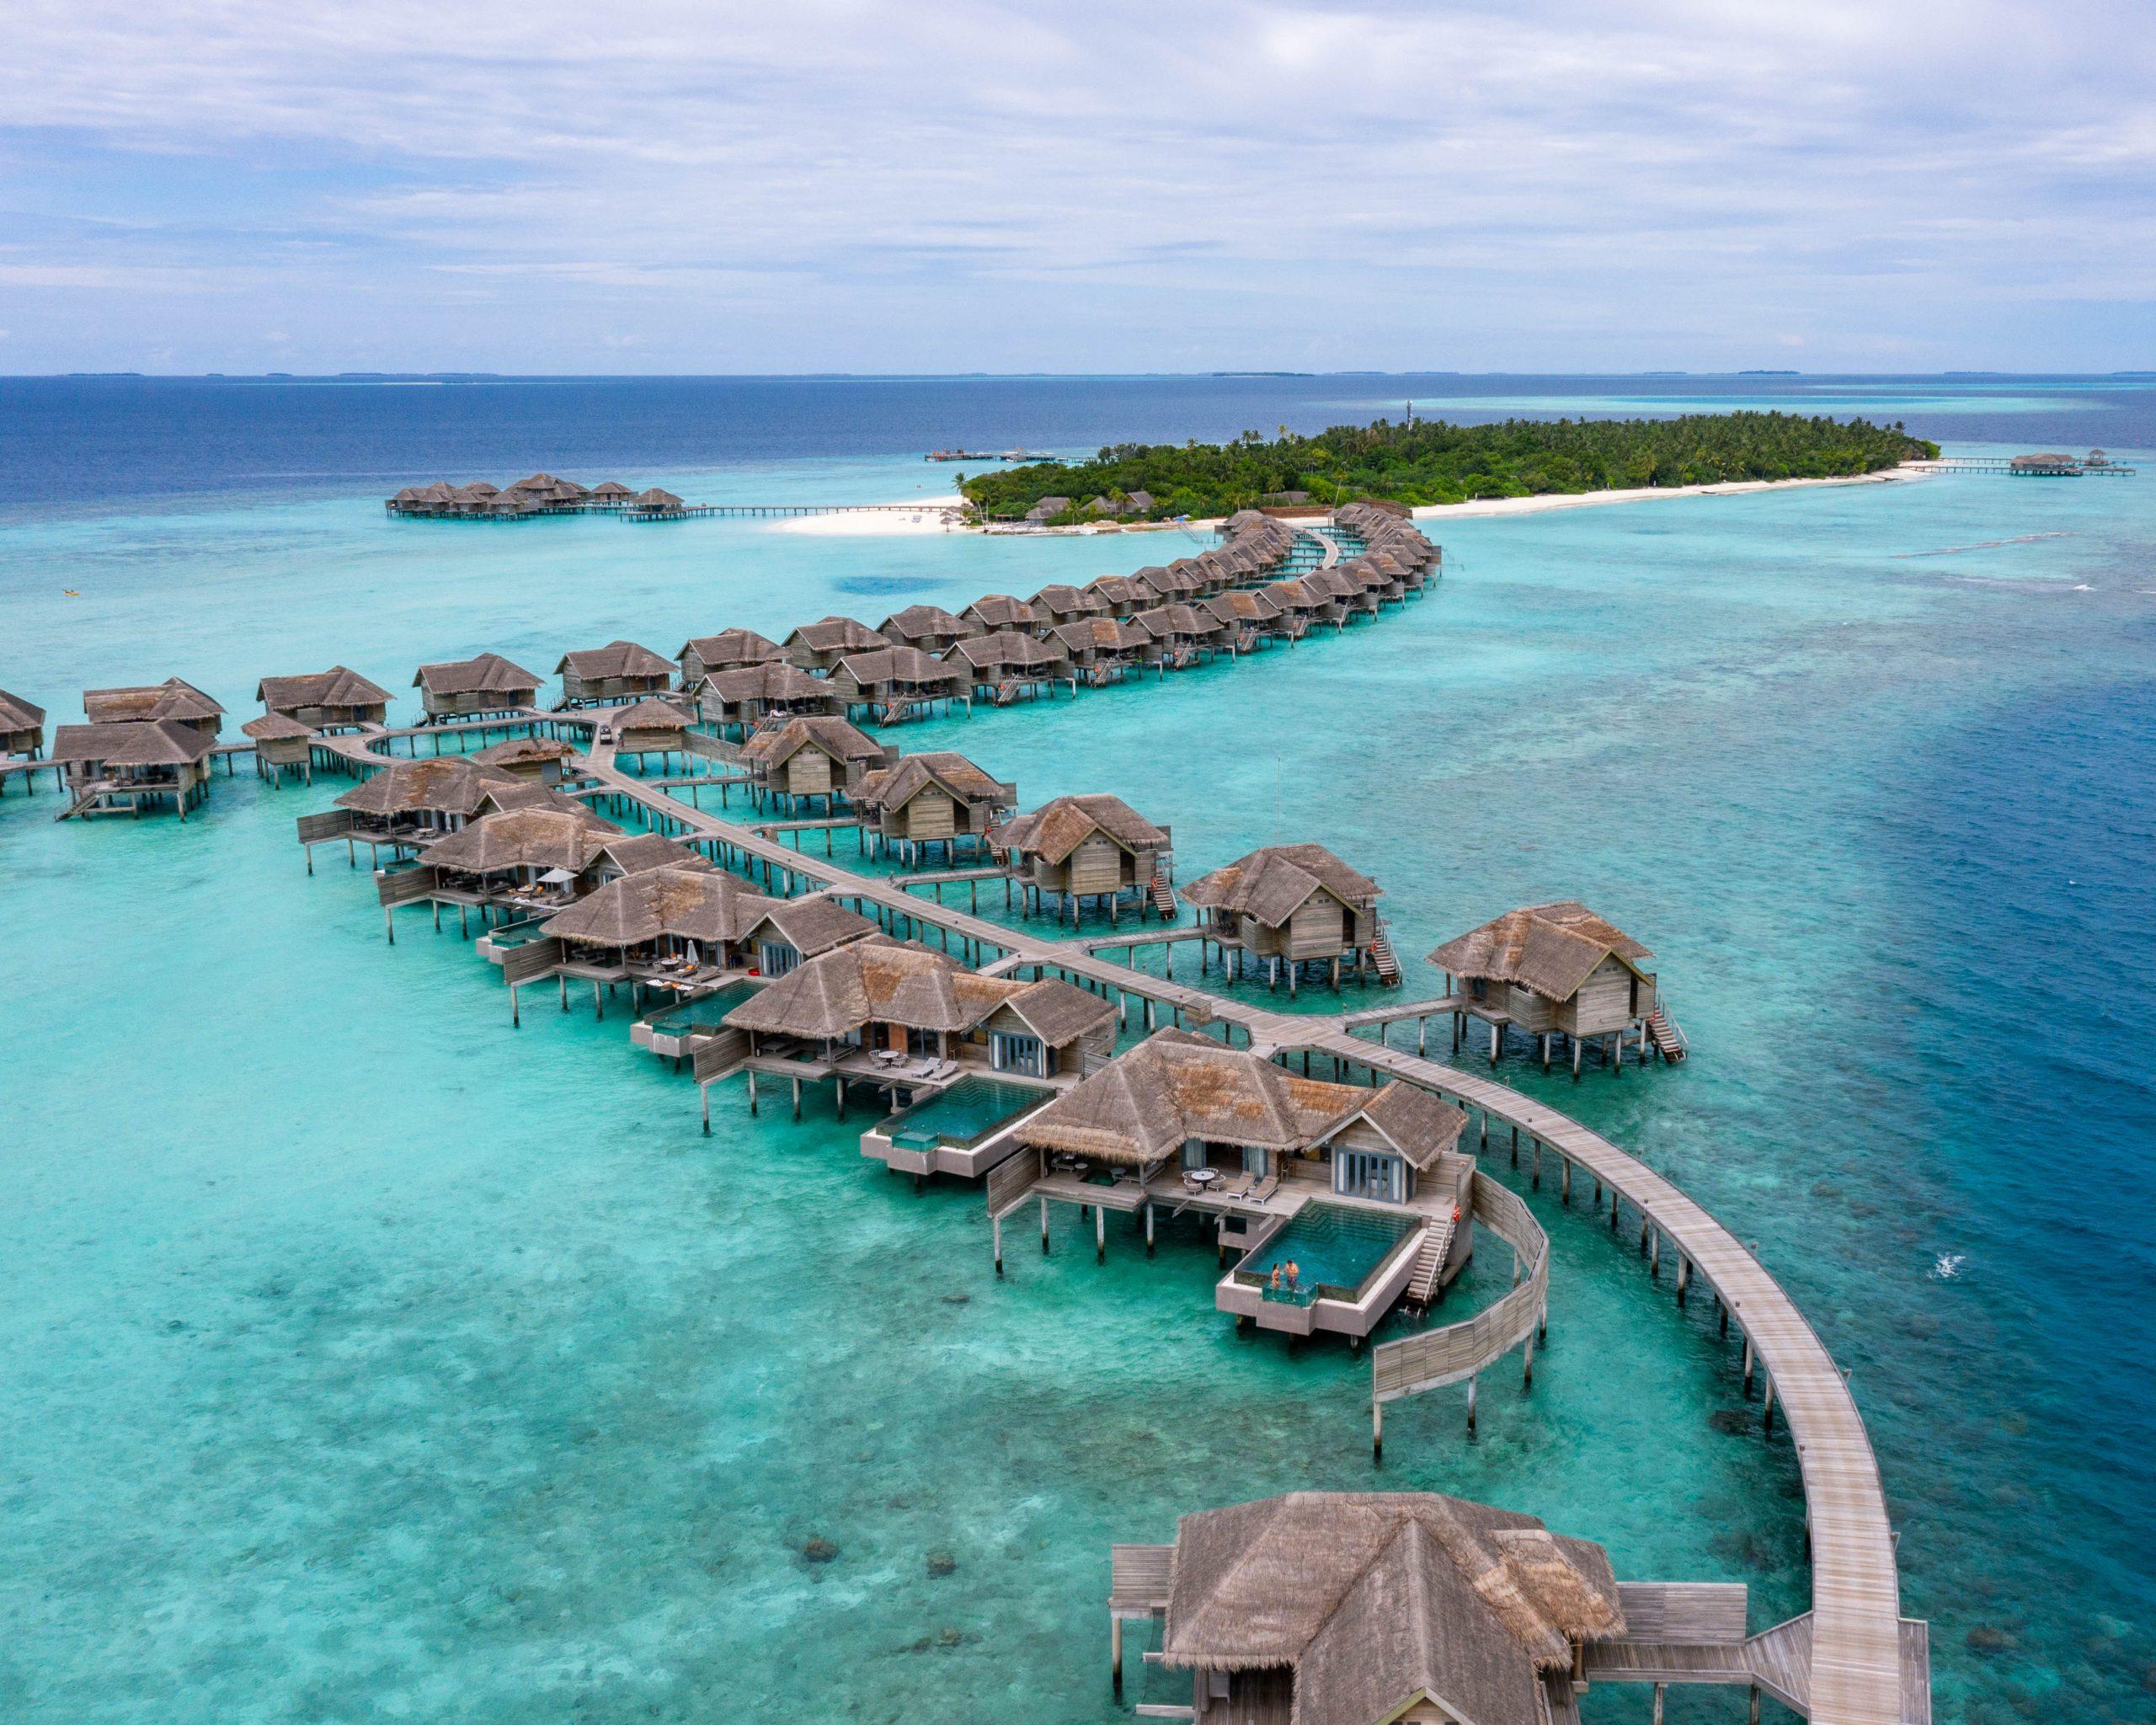 صور جزر المالديف 20